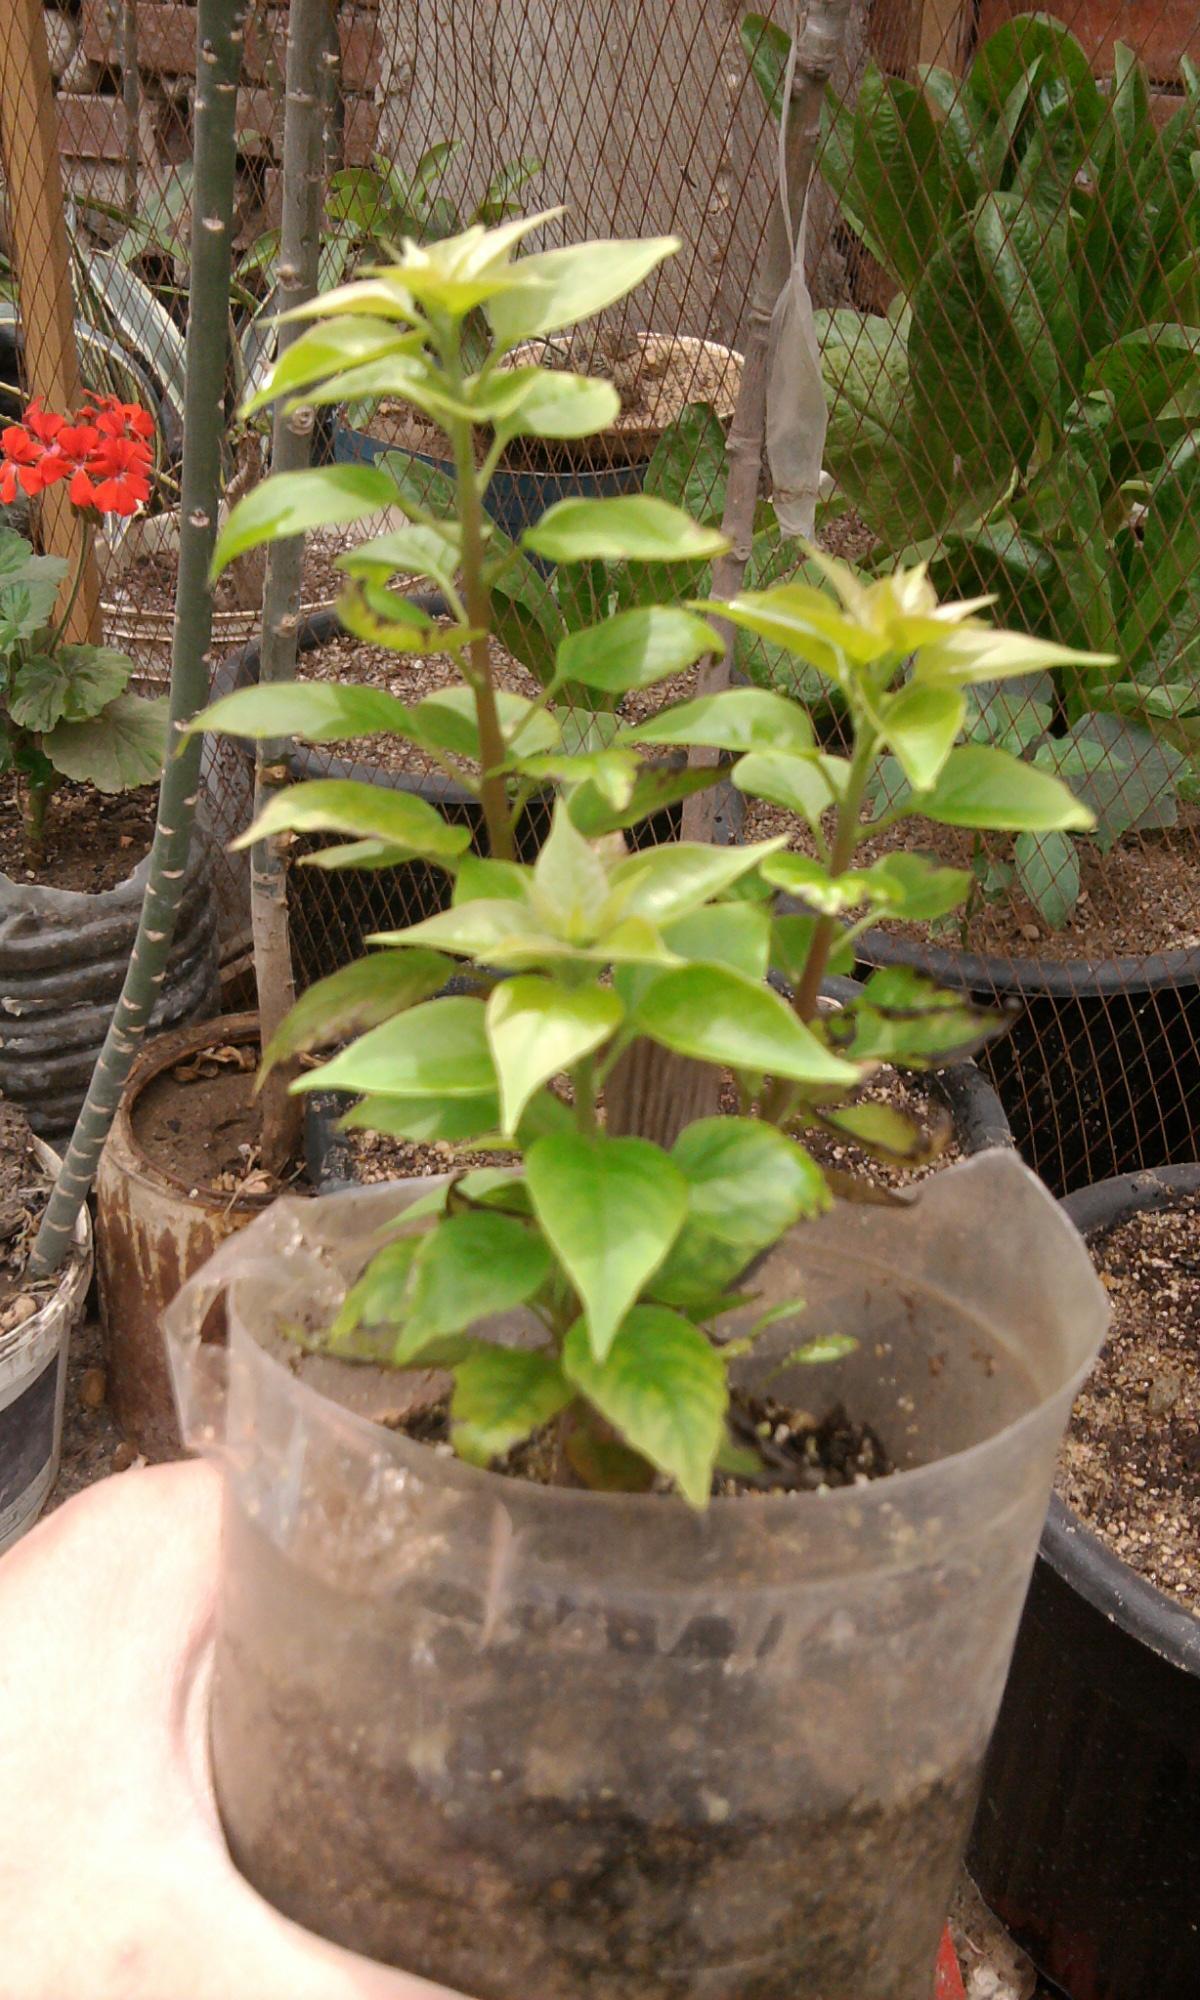 زراعة التوت والجهنمية والفيكس نيتدا 565239780.jpg